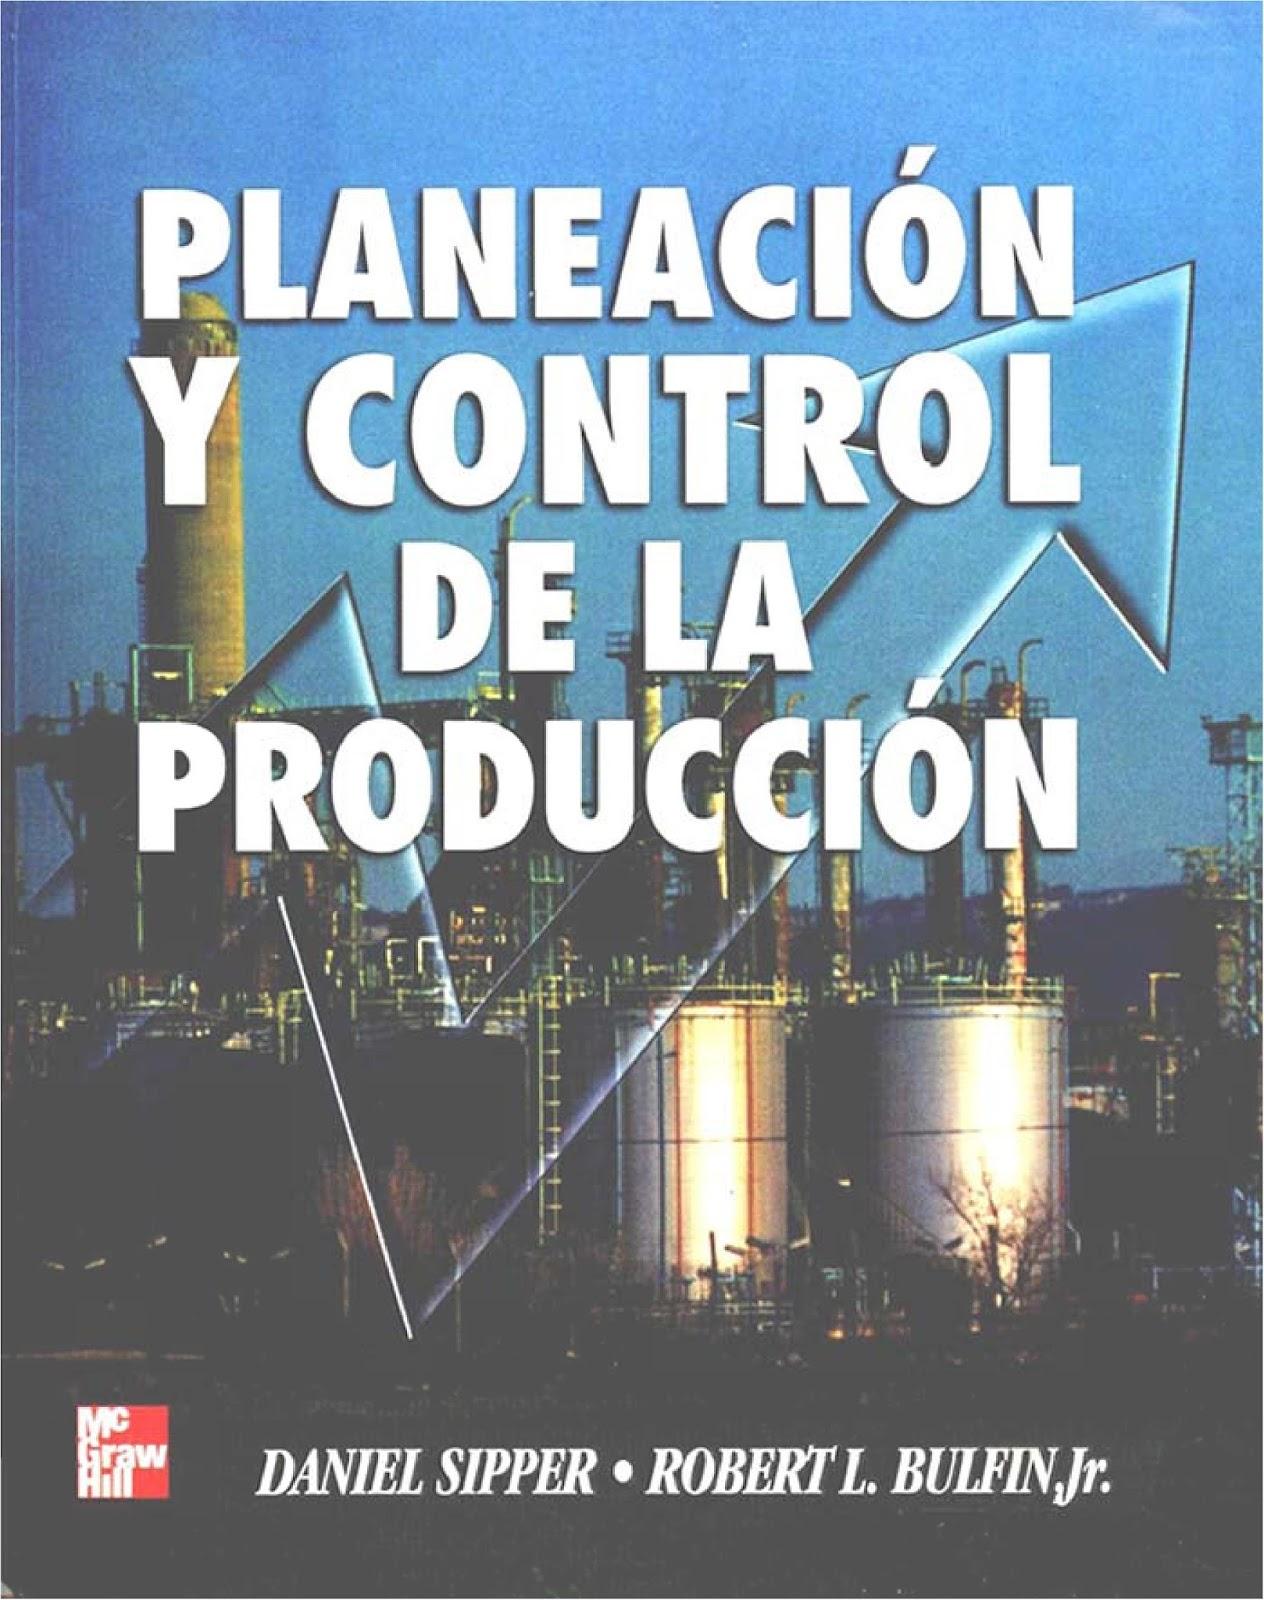 Planeación y control de la producción – Daniel Sipper